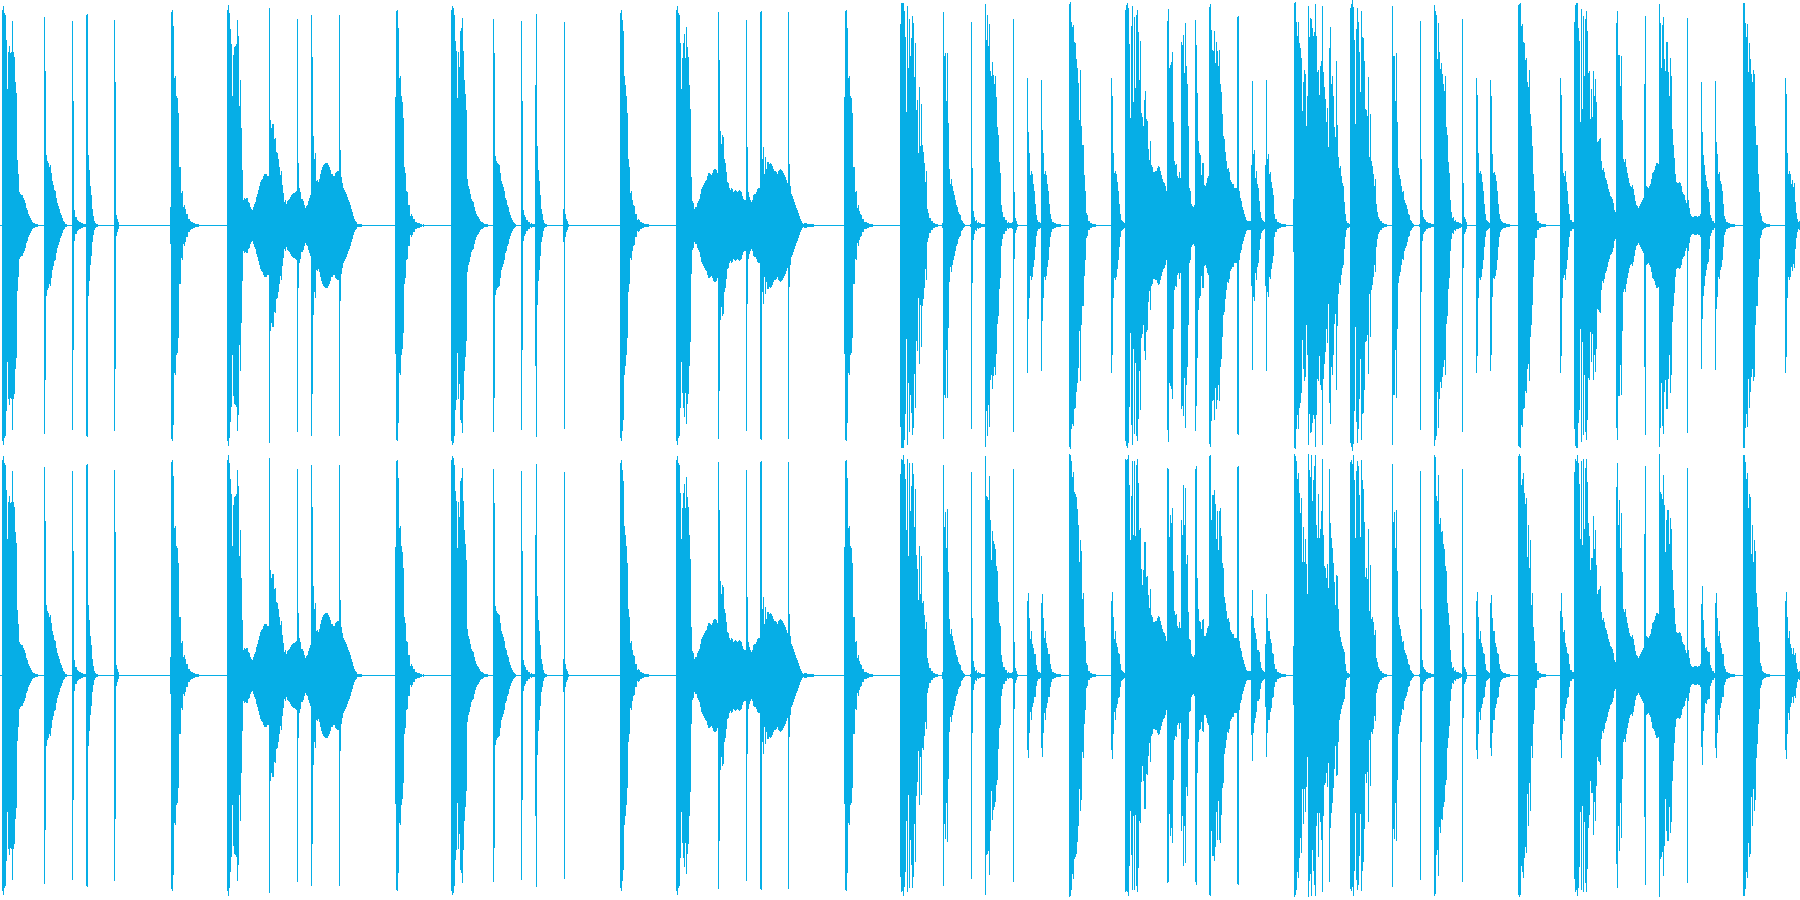 ほぼリズムのみですの再生済みの波形